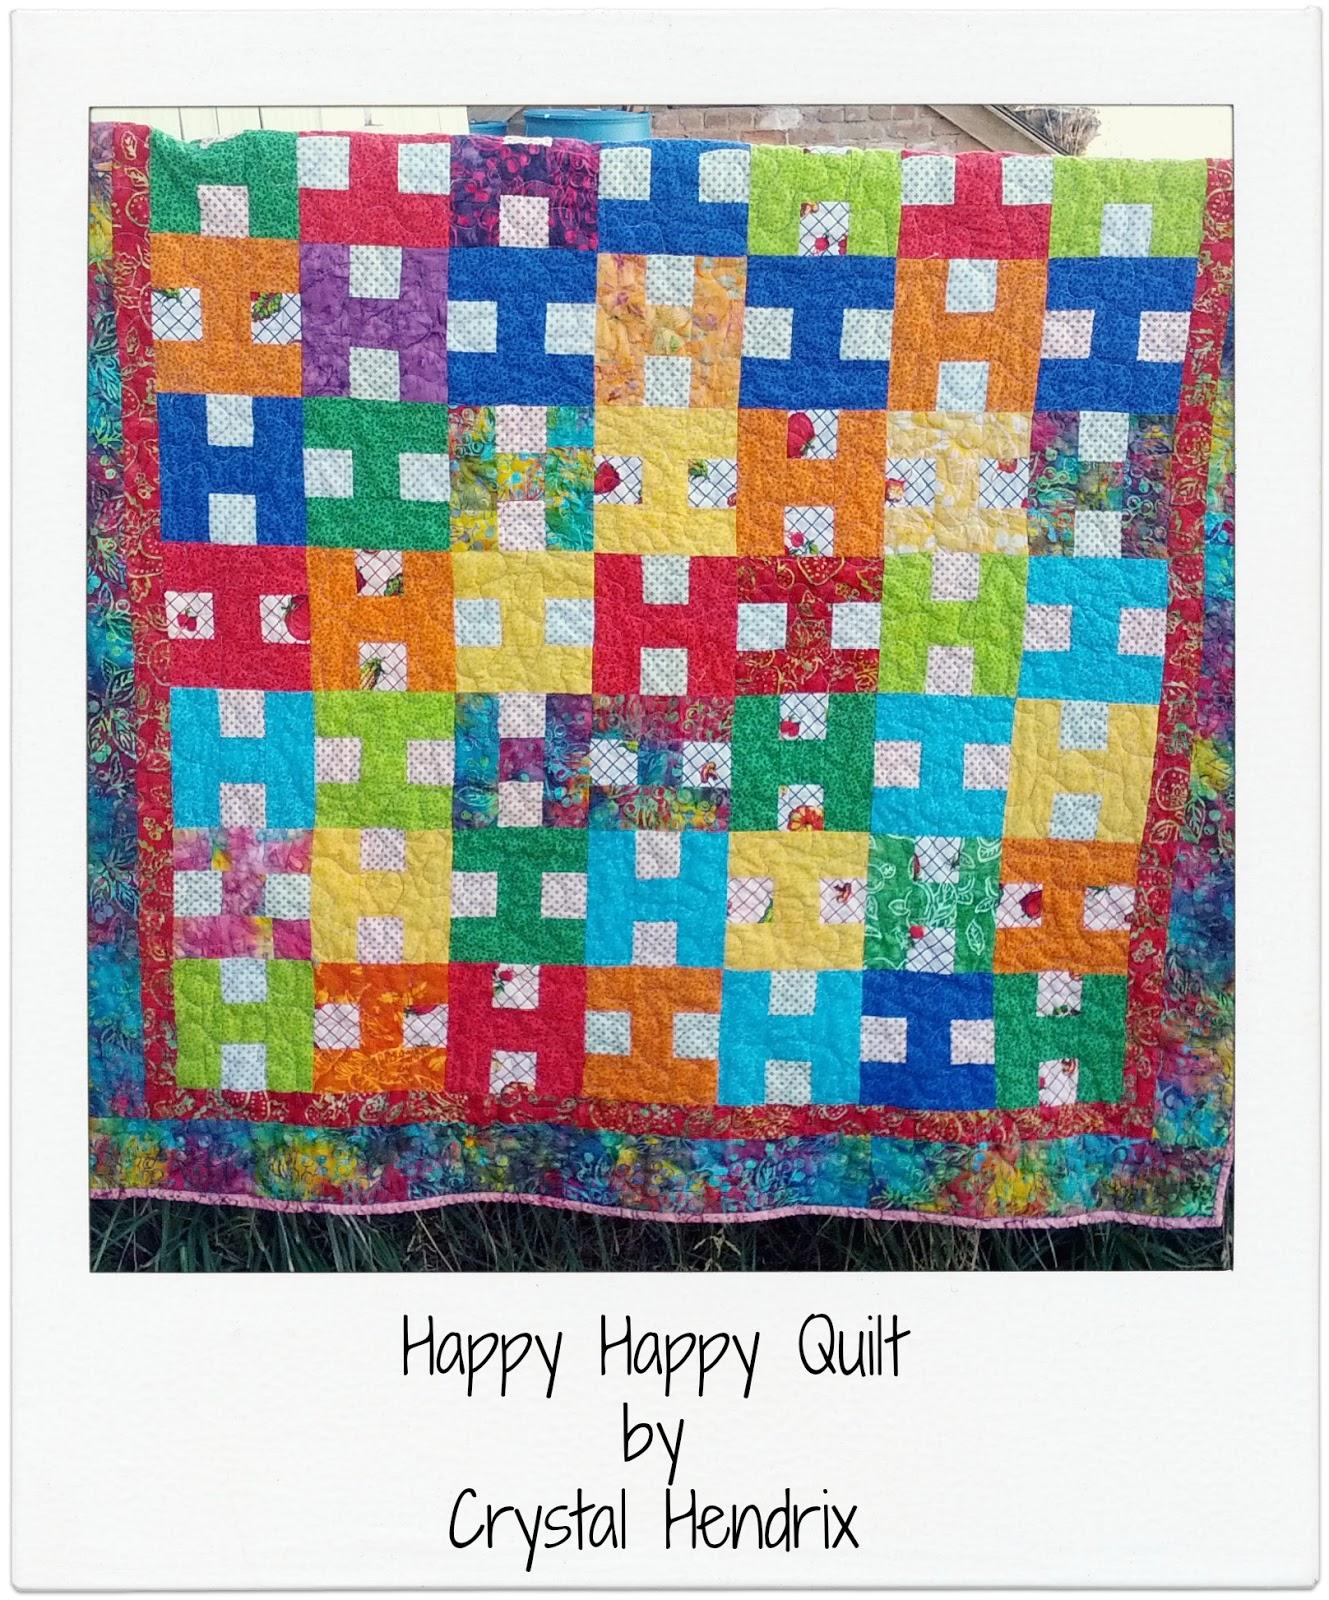 Happy happy quilt 171 moda bake shop